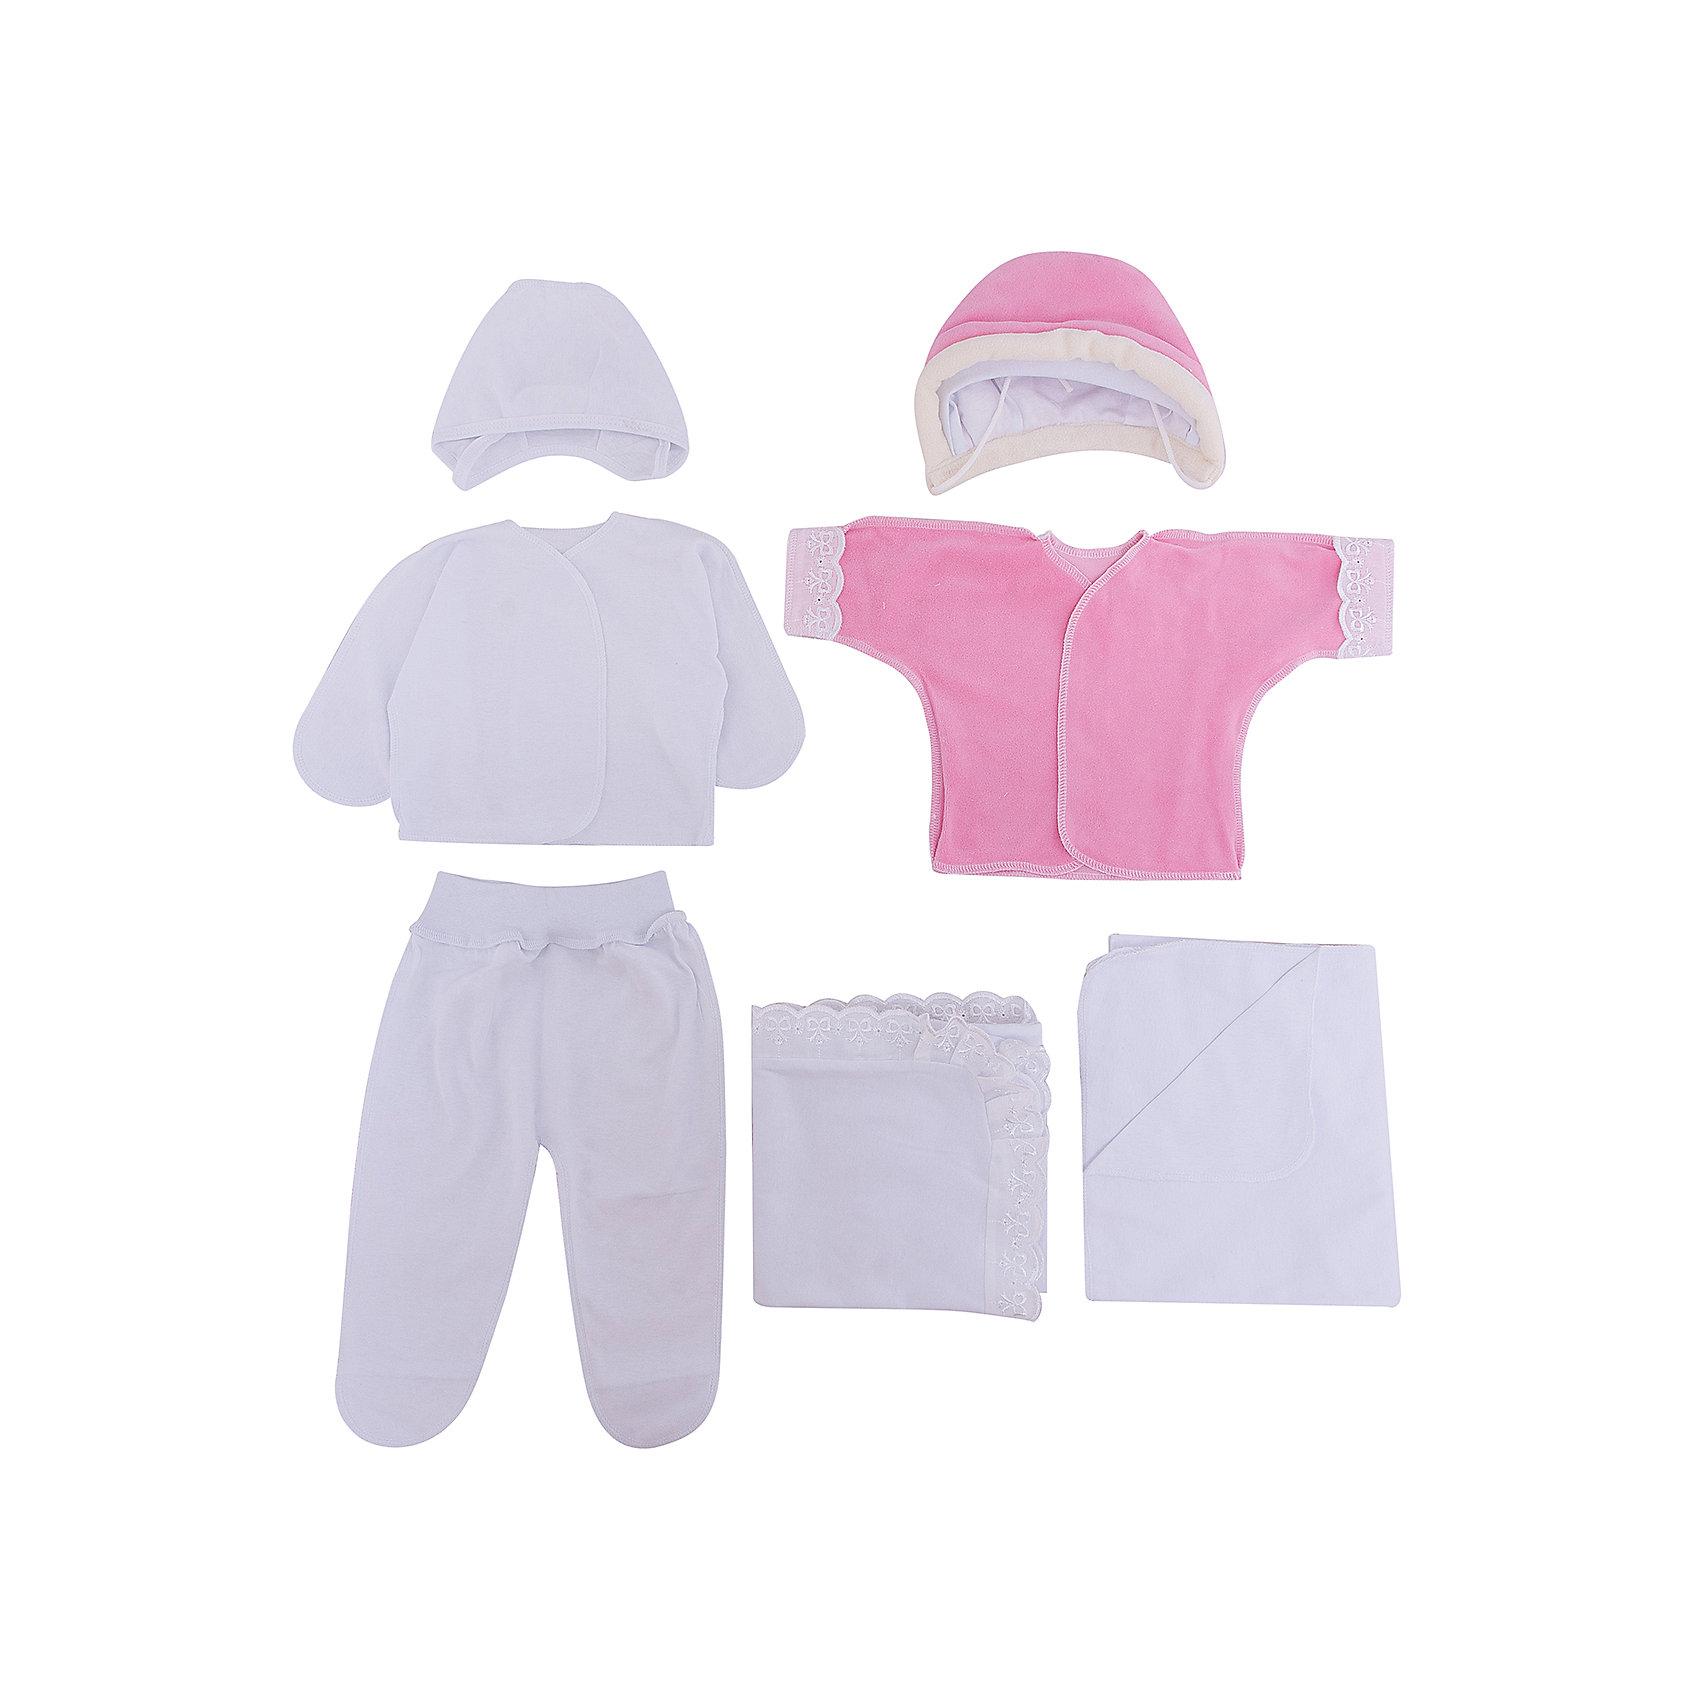 Комплект на выписку 9 пред., GulSara, 80 весна-осень, велюр, розовыйКонверты на выписку<br>Характеристики:<br><br>• Вид детского текстиля: комплект на выписку<br>• Предназначение: на выписку, для прогулки<br>• Сезон: весна, осень<br>• Утеплитель: средняя степень<br>• Температурный режим: от +5? С до +21? С<br>• Пол: для девочки<br>• Тематика рисунка: медвежонок<br>• Материал: велюр, кулирка, органза<br>• Цвет: розовый, молочный<br>• Комплектация:<br> одеяло синтепоновое – 1 шт. 100*100 см<br> шапочка на синтепоне – 1 шт. р-р 56-36<br> конверт на молнии – 1 шт. р-р 75-40<br> ползунки – 1 шт. р-р 56-36<br> распашонка – 1 шт. р-р 56-36<br> чепчик – 1 шт. р-р 56-36<br> уголок – 1 шт. 75*75 см<br> • Особенности ухода: машинная стирка при температуре 30 градусов без использования отбеливающих и красящих веществ<br><br>Комплект на выписку 9 пред., GulSara, 80 весна-осень, велюр, розовый от отечественного швейного производства, который выпускает современный текстиль и товары для новорожденных, изготовленных на основе вековых традиций. В своем производстве GulSara использует только экологичные и натуральные материалы, что обеспечивает их безопасность даже для малышей с чувствительной кожей. Набор предназначен для выписки в осенне-весенний период и состоит из утепленного одеяла, шапочки и конверта на молнии. <br><br>В качестве наполнителя использован синтепон – легкий, но при этом гипоаллергенный материал. Комплект нижней одежды состоит из ползунков, распашонки и чепчика, изготовленных из нежной и мягкой кулирки. Дополнительно в комплекте предусмотрена велюровая распашонка. Праздничный образ комплекта создается за счет вышивки и ажурного уголка. Комплект на выписку 9 пред., GulSara, 80 весна-осень, велюр, розовый создаст изысканный и неповторимый образ вашего малыша!<br><br>Комплект на выписку 9 пред., GulSara, 80 весна-осень, велюр, розовый можно купить в нашем интернет-магазине.<br><br>Ширина мм: 750<br>Глубина мм: 400<br>Высота мм: 90<br>Вес г: 1500<br>Возраст от месяцев: 